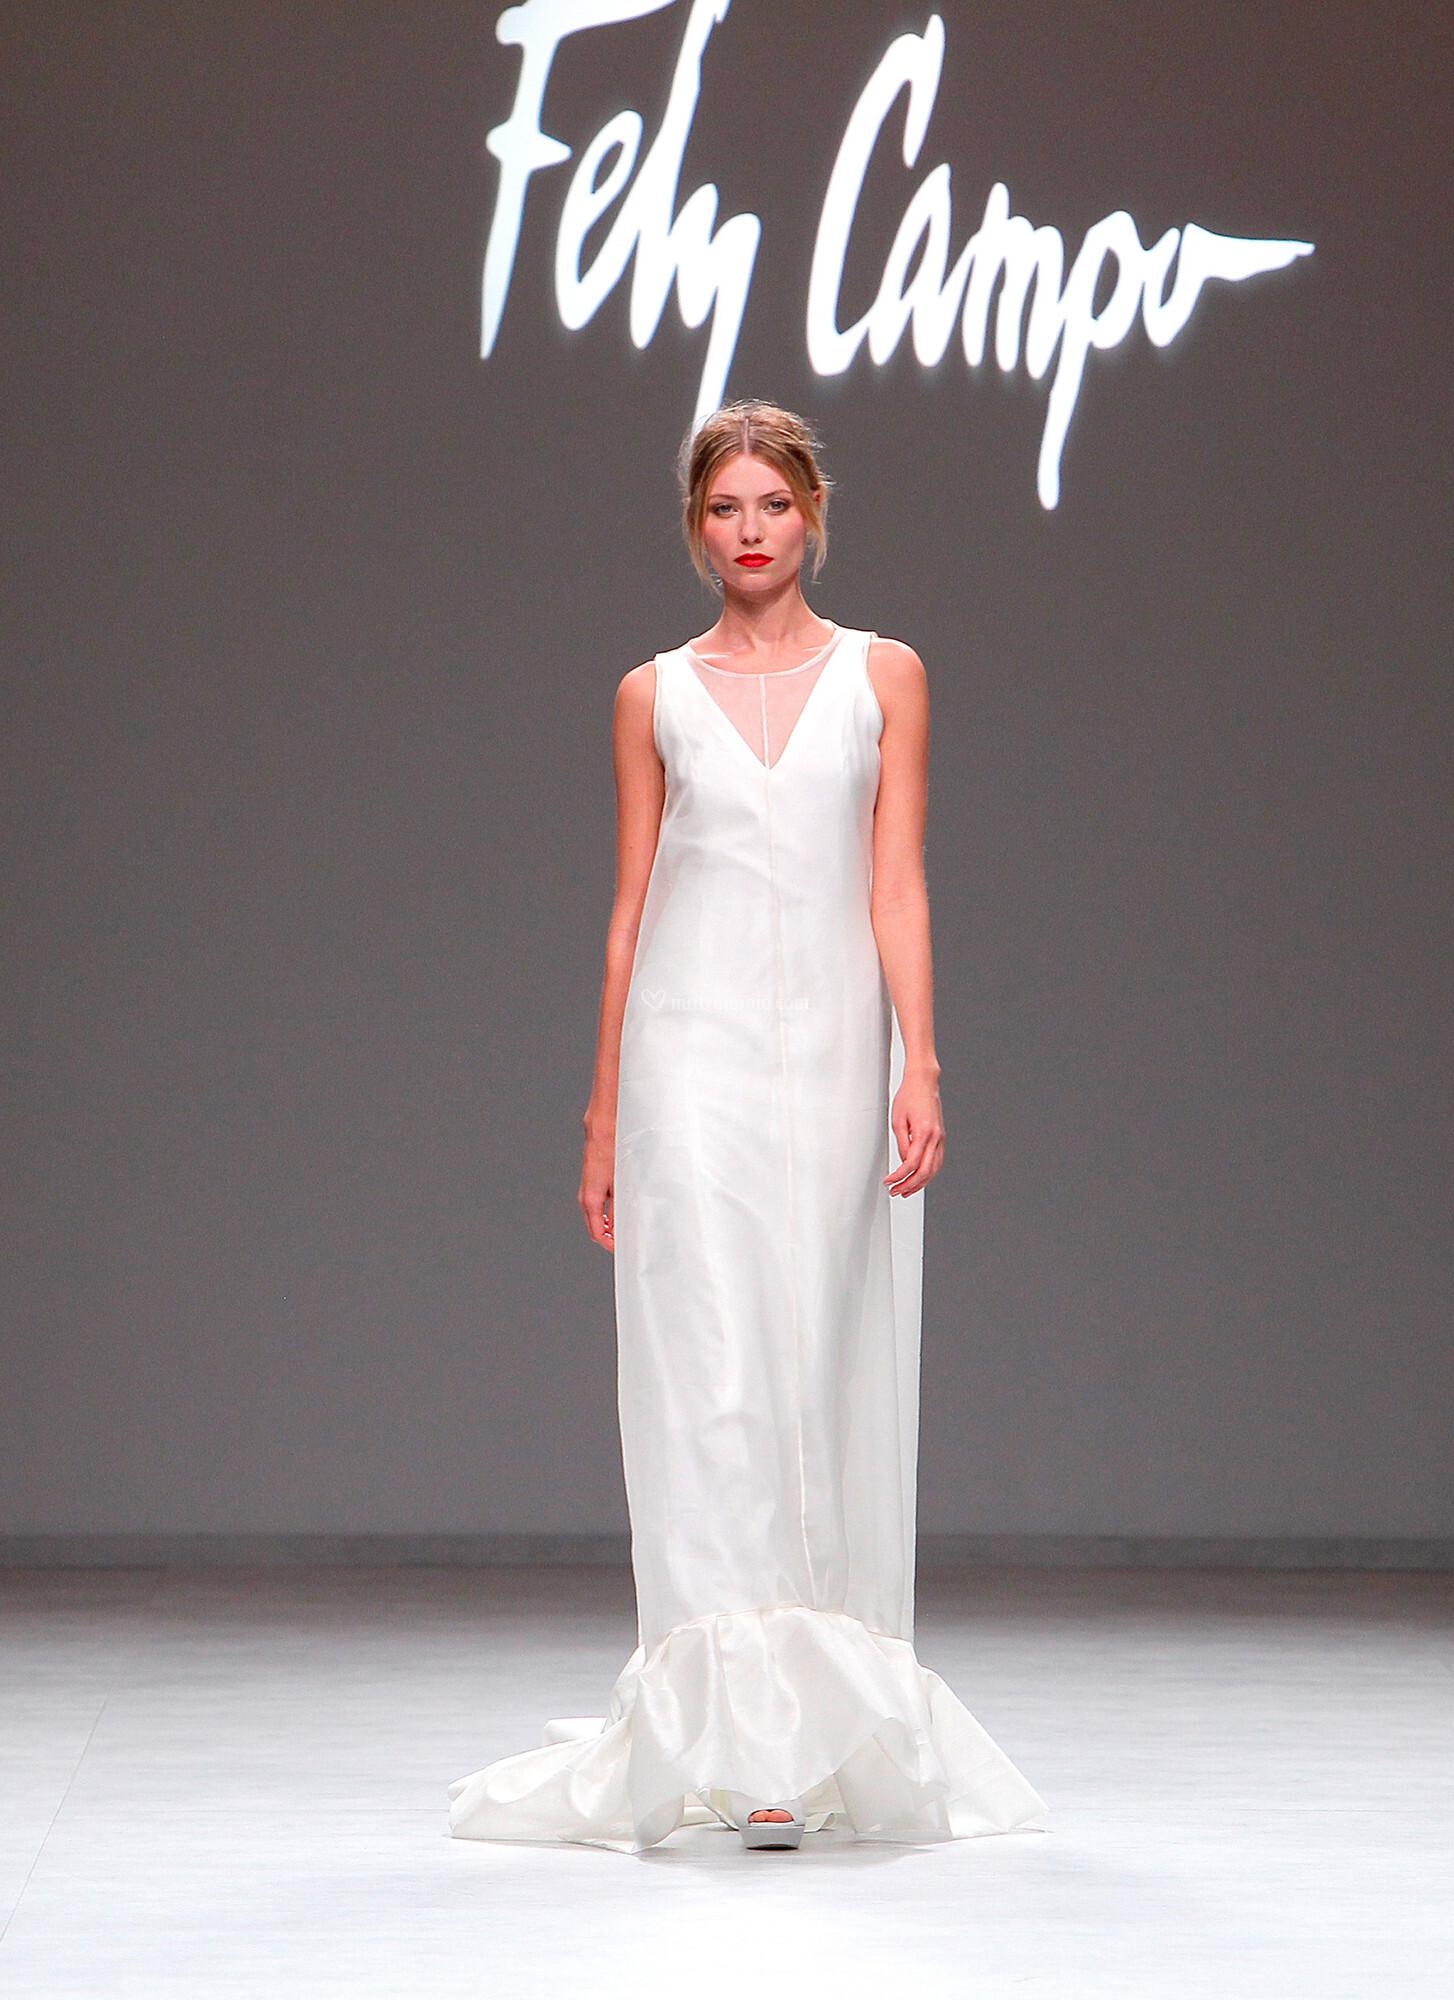 ae4c3bf3ba1c Abiti da Sposa di Fely Campo - Matrimonio.com